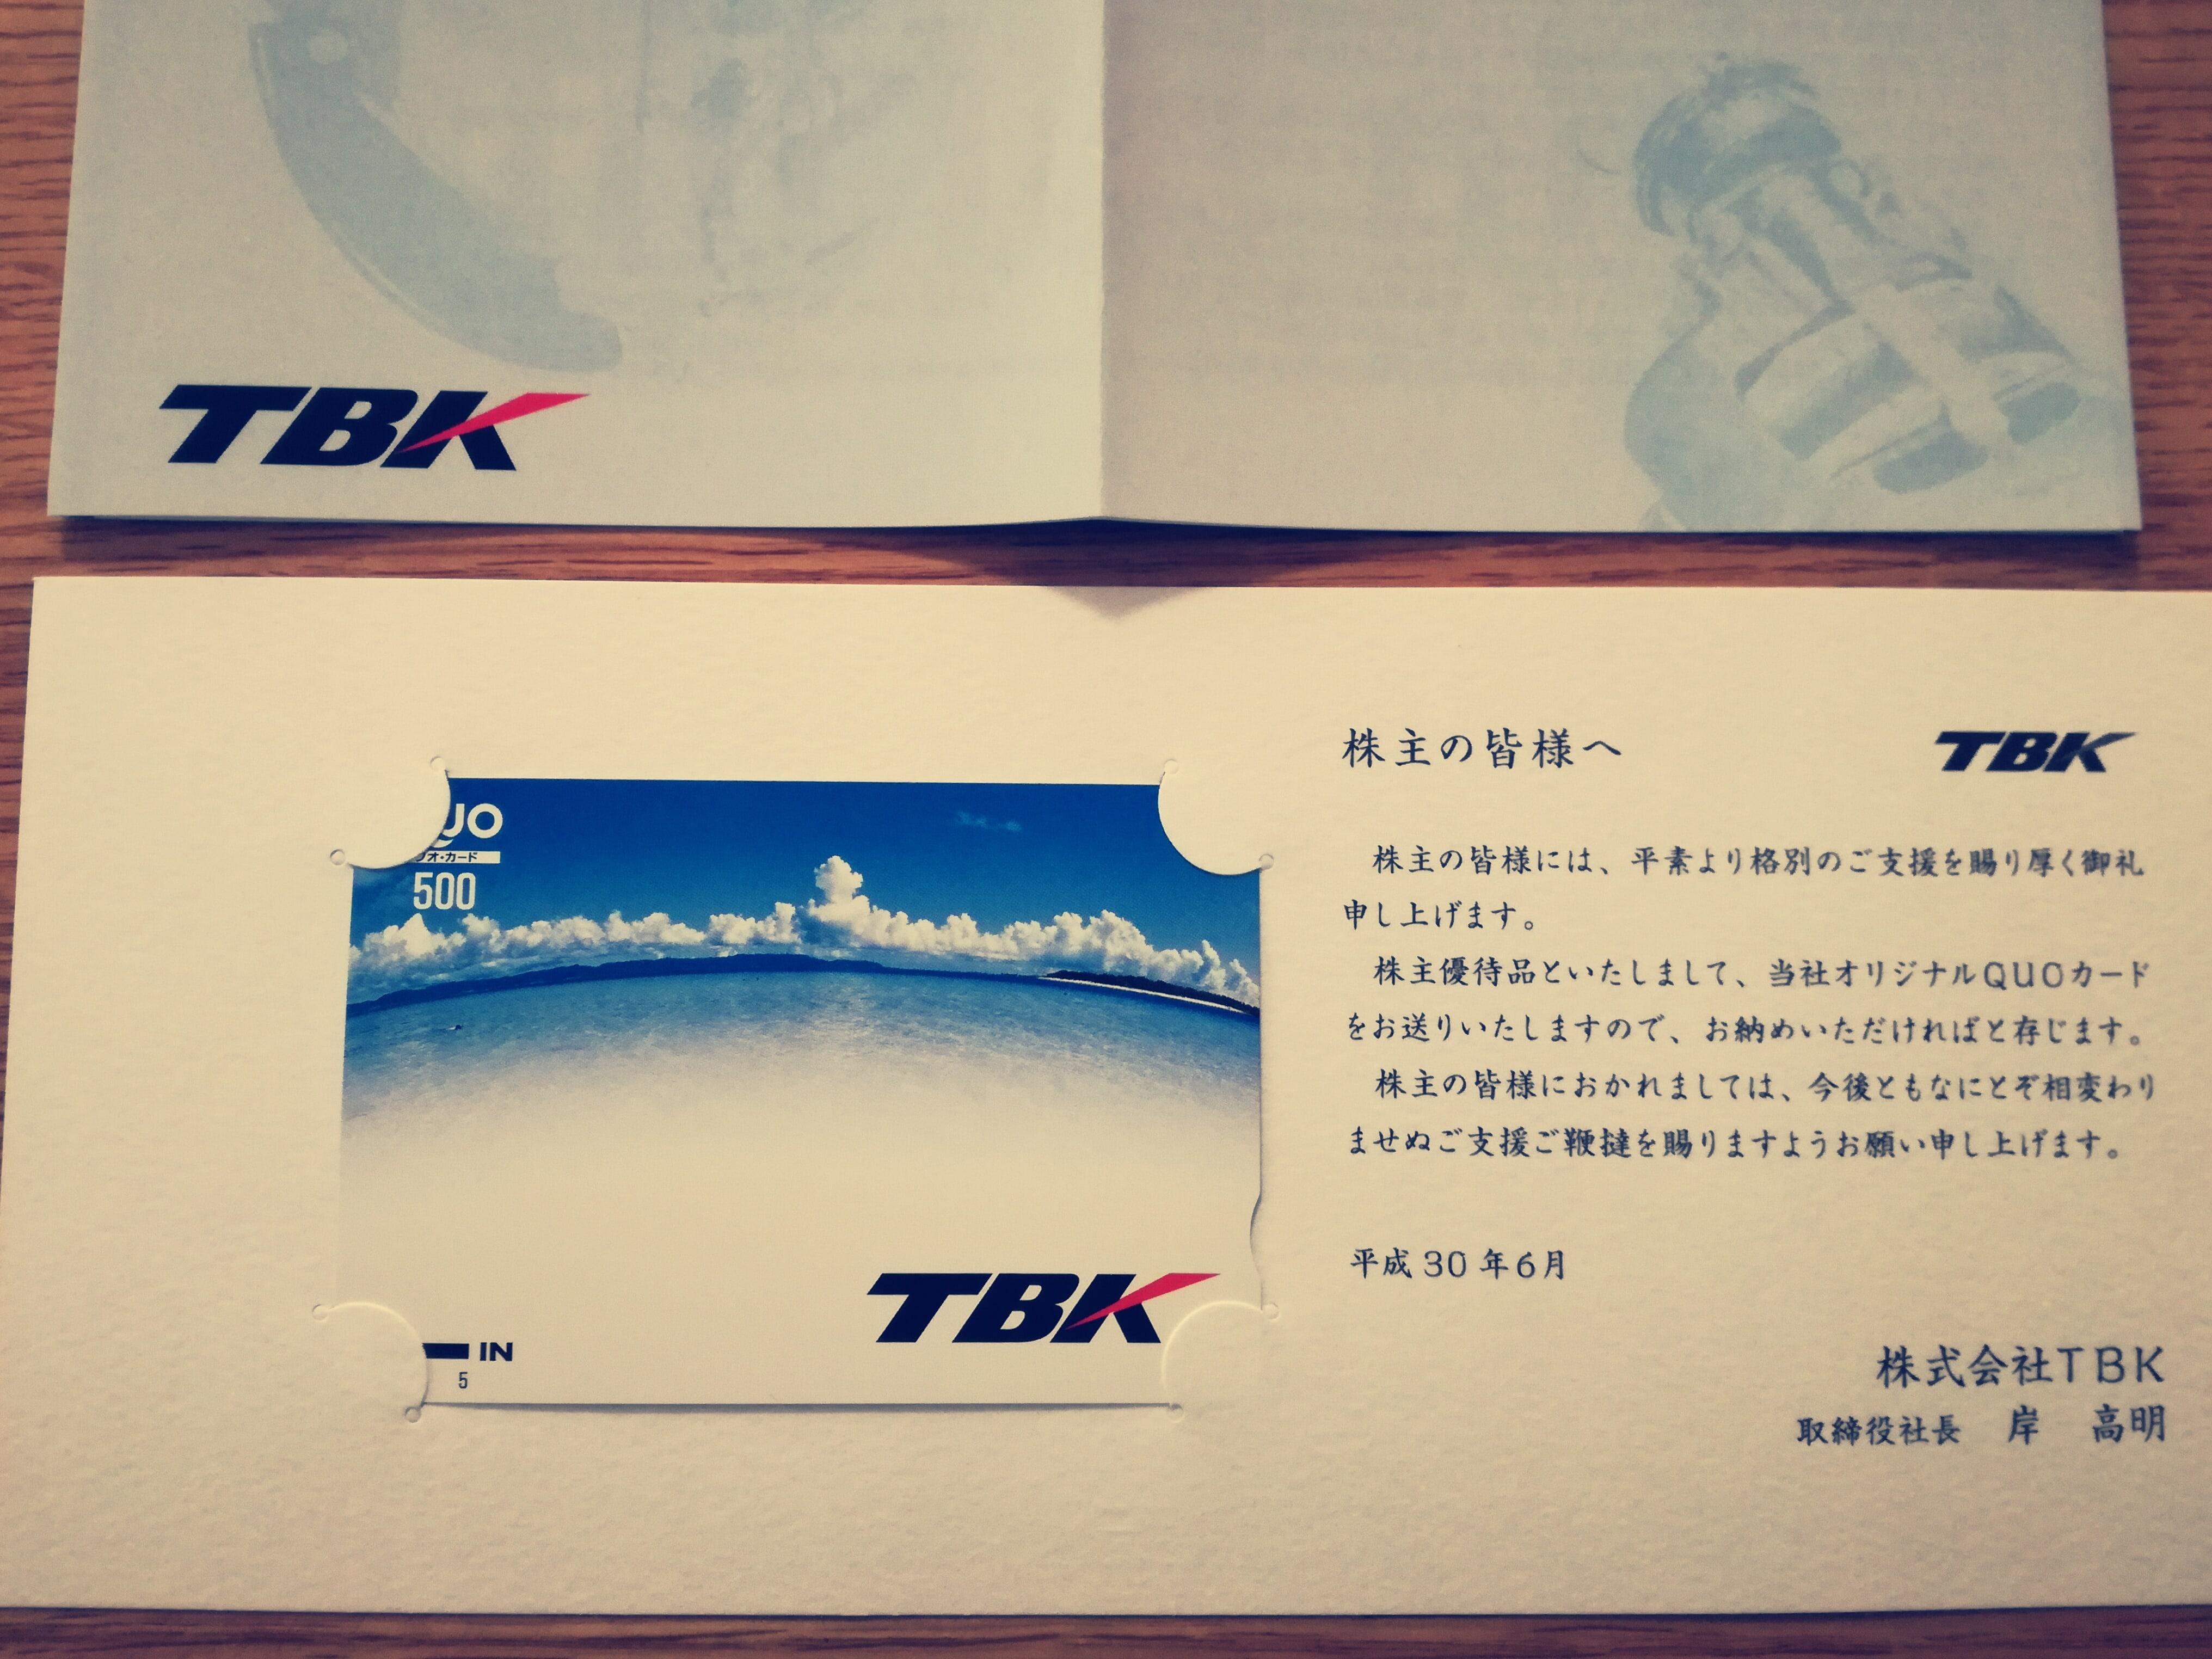 TBK(7277)から株主優待クオカード500円分が到着!今回からつや姫から変更になっています